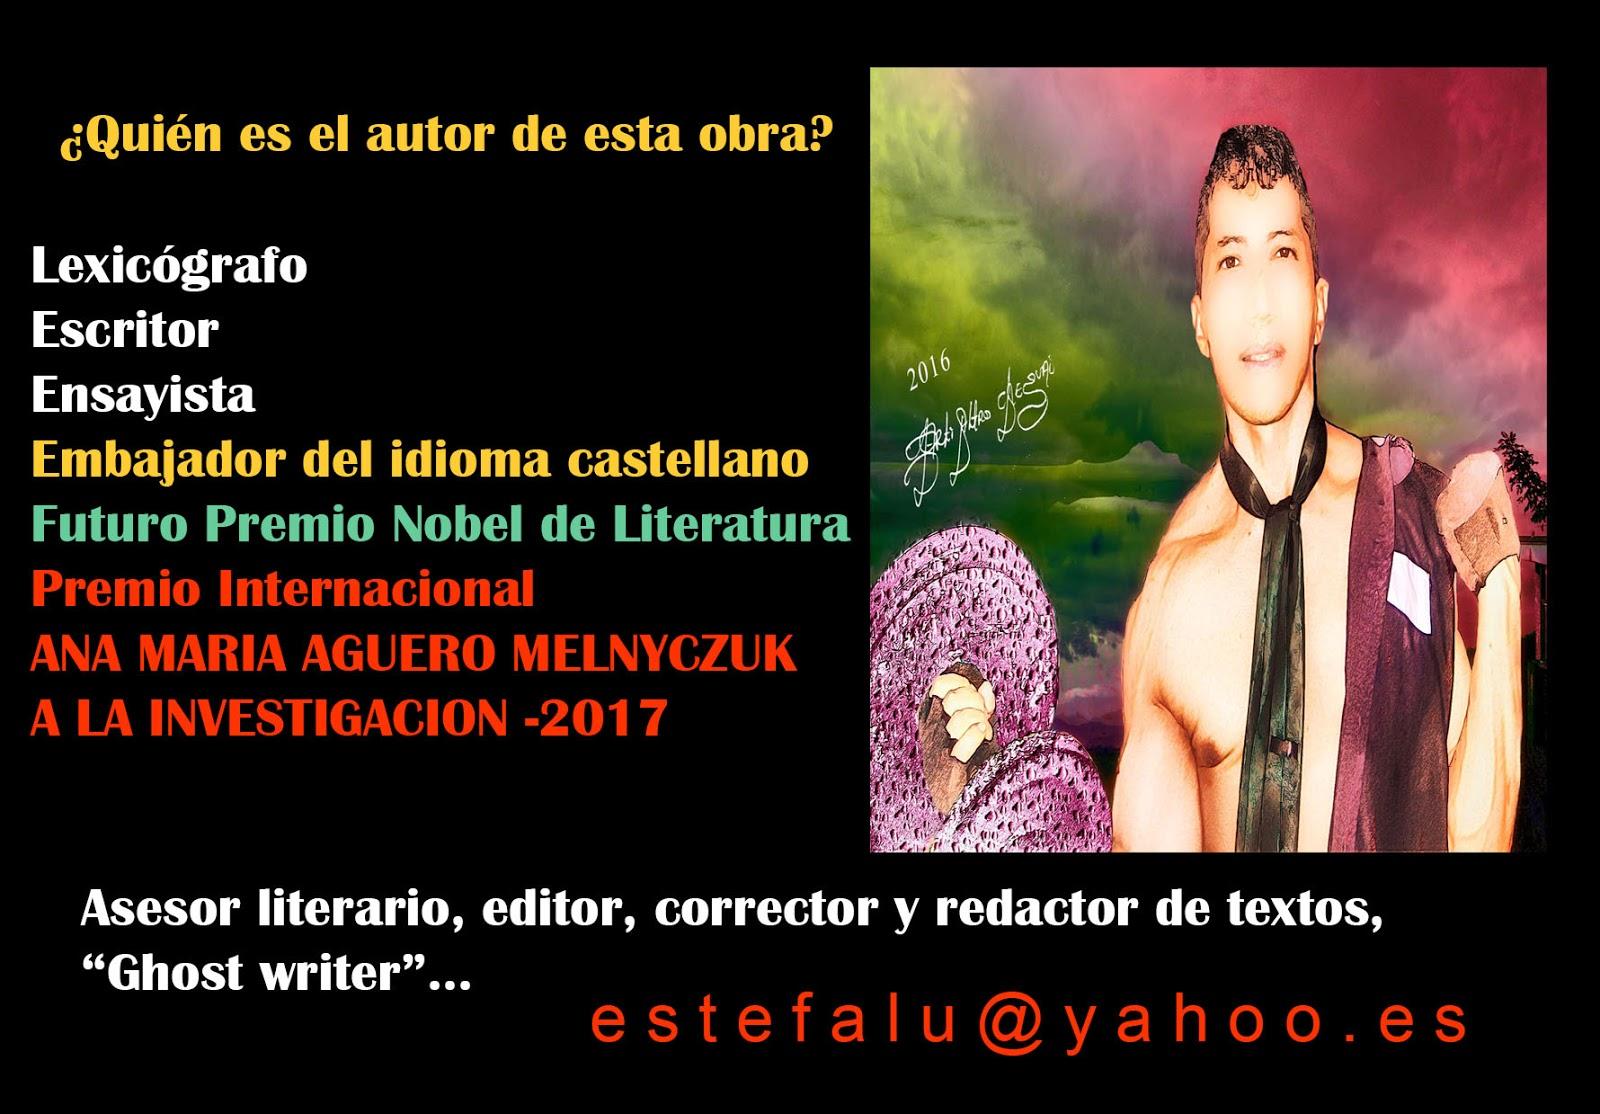 Sobre el autor